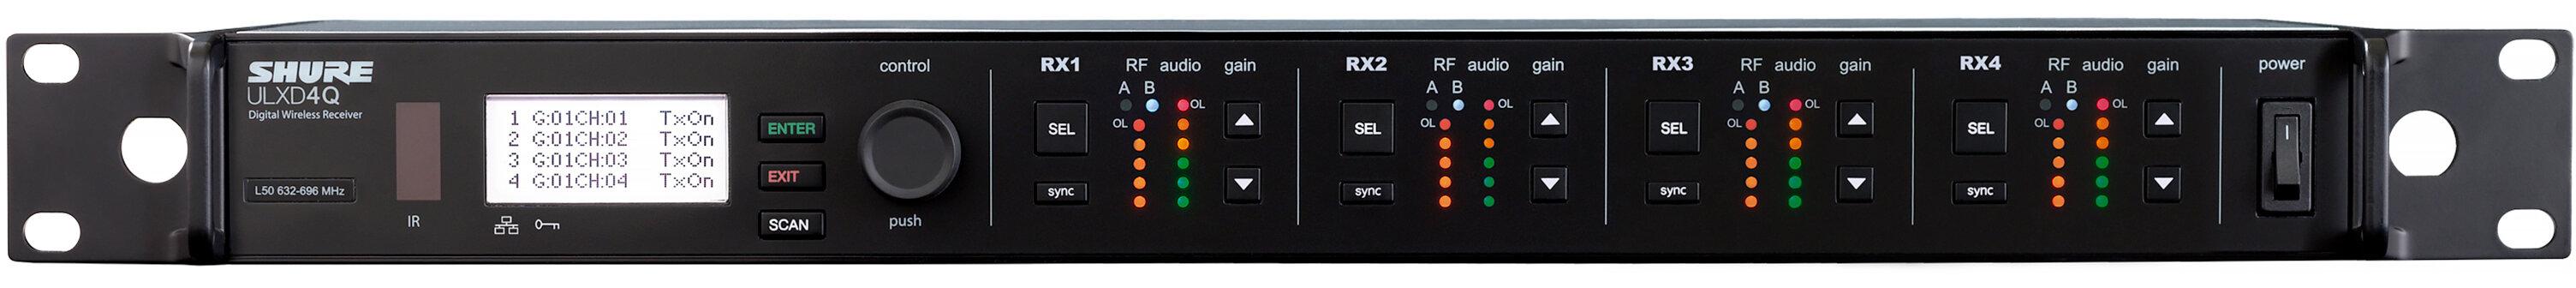 Приемники и передатчики Shure ULXD4QE G51 серии ULXD, частоты 470-534 MHz